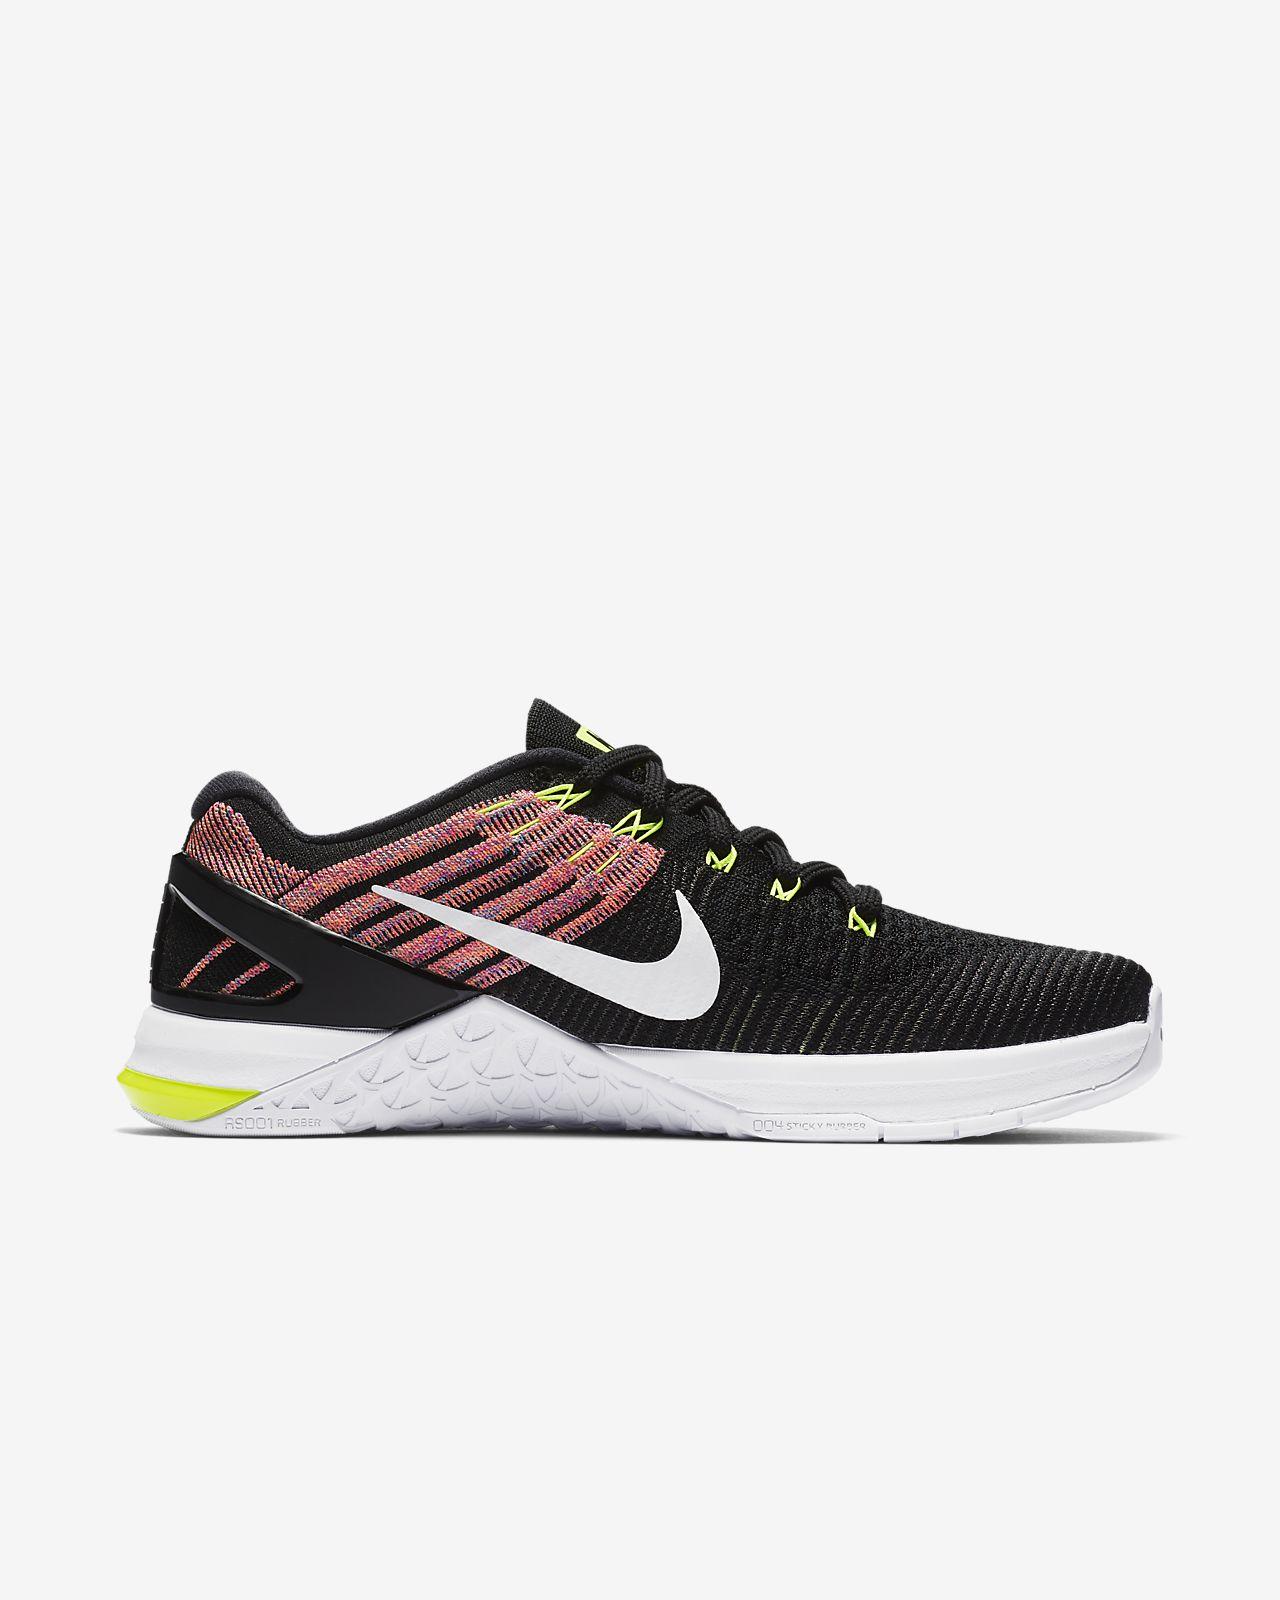 ... Nike Metcon DSX Flyknit Women's Training Shoe